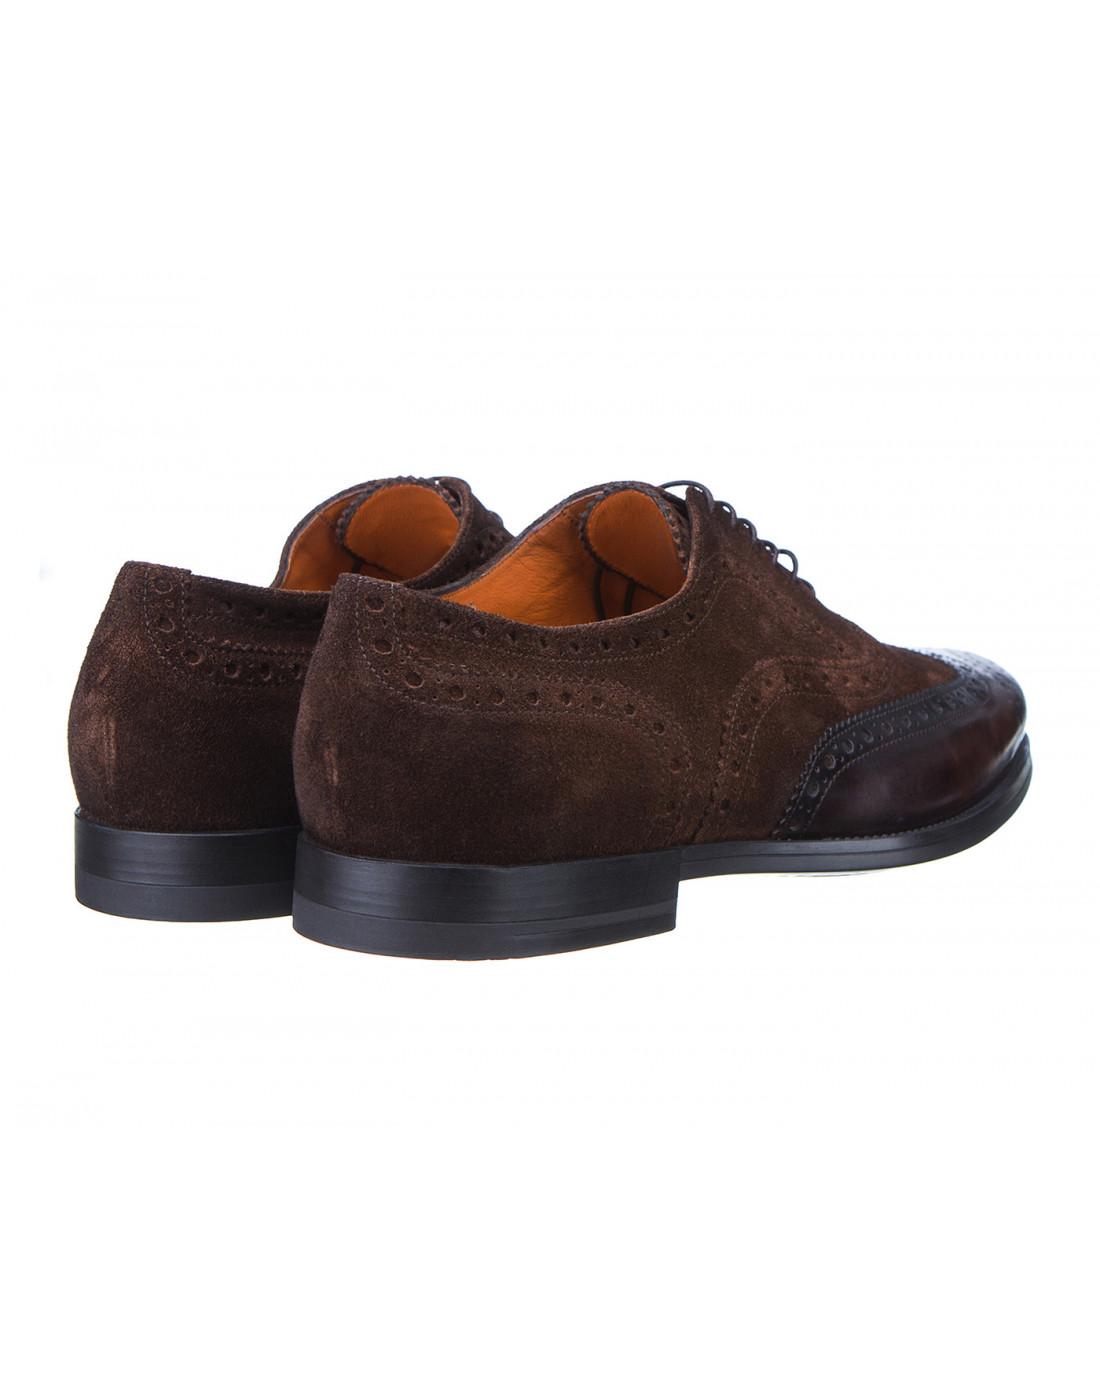 Туфли коричневые мужские Santoni S15752 - 50-3